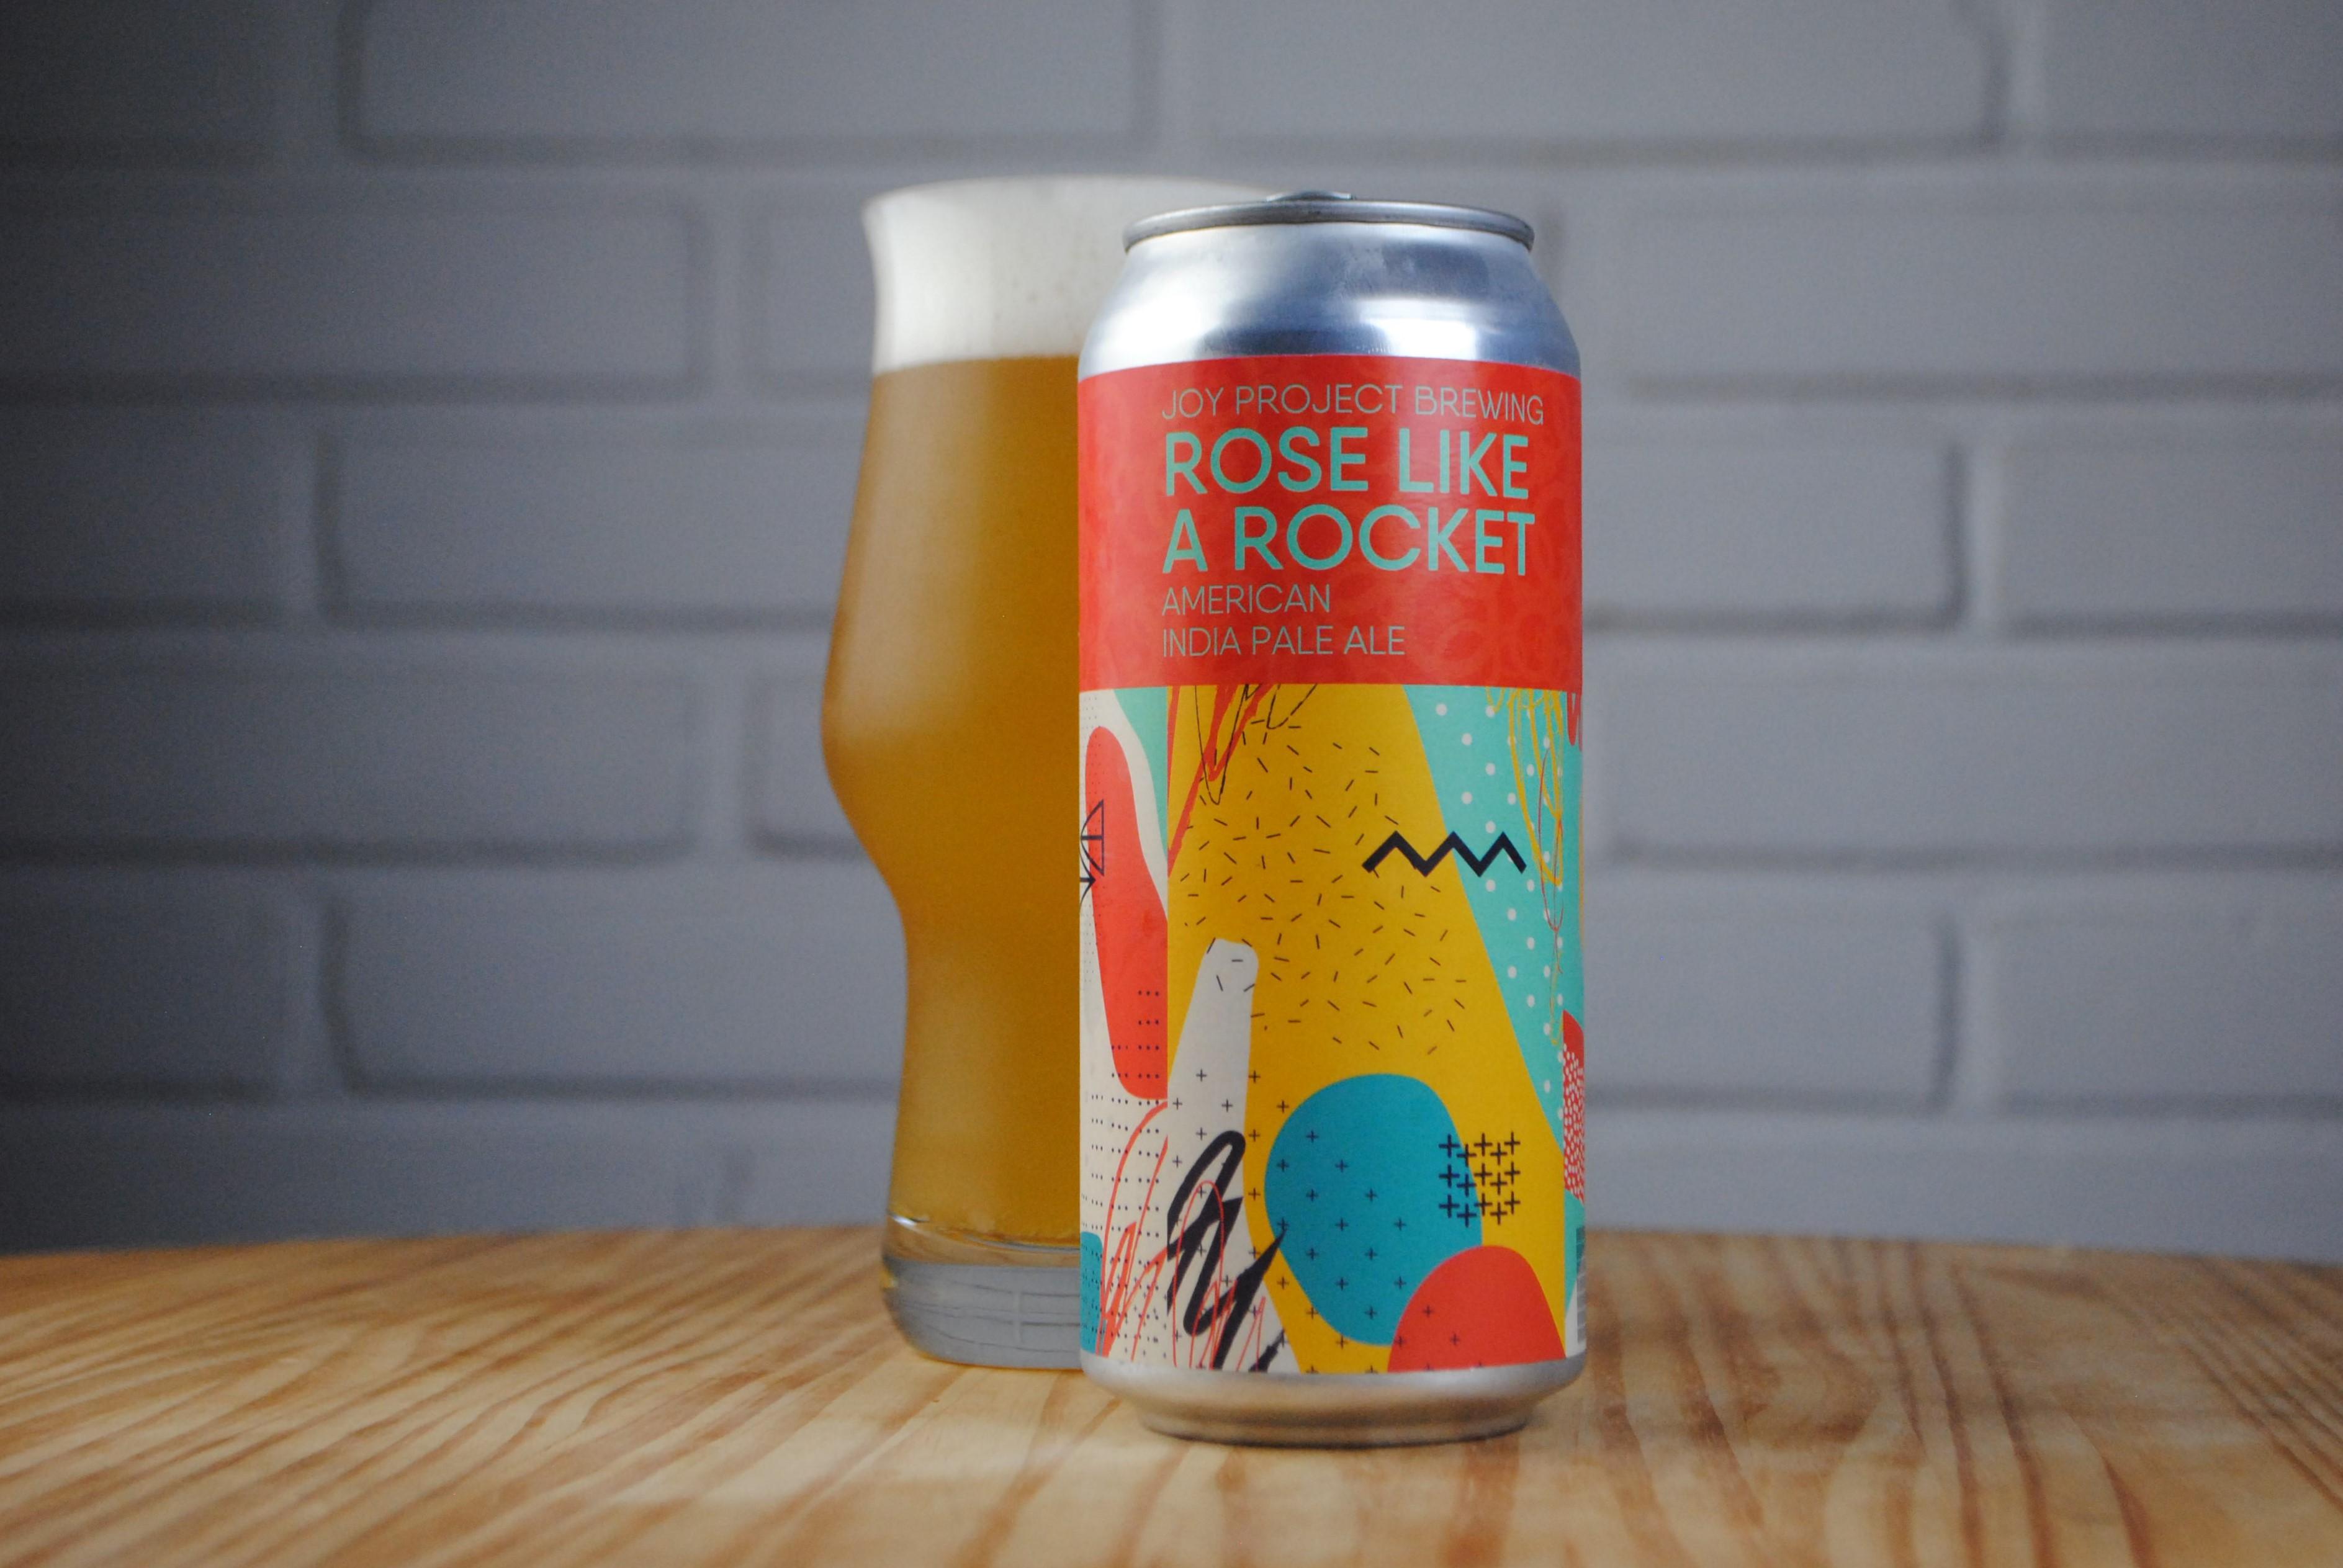 Rose Like a Rocket - uma American India Pale Ale, que aposta na combinação dos lupúos Cashmete, Citra Lupomax e Strata.